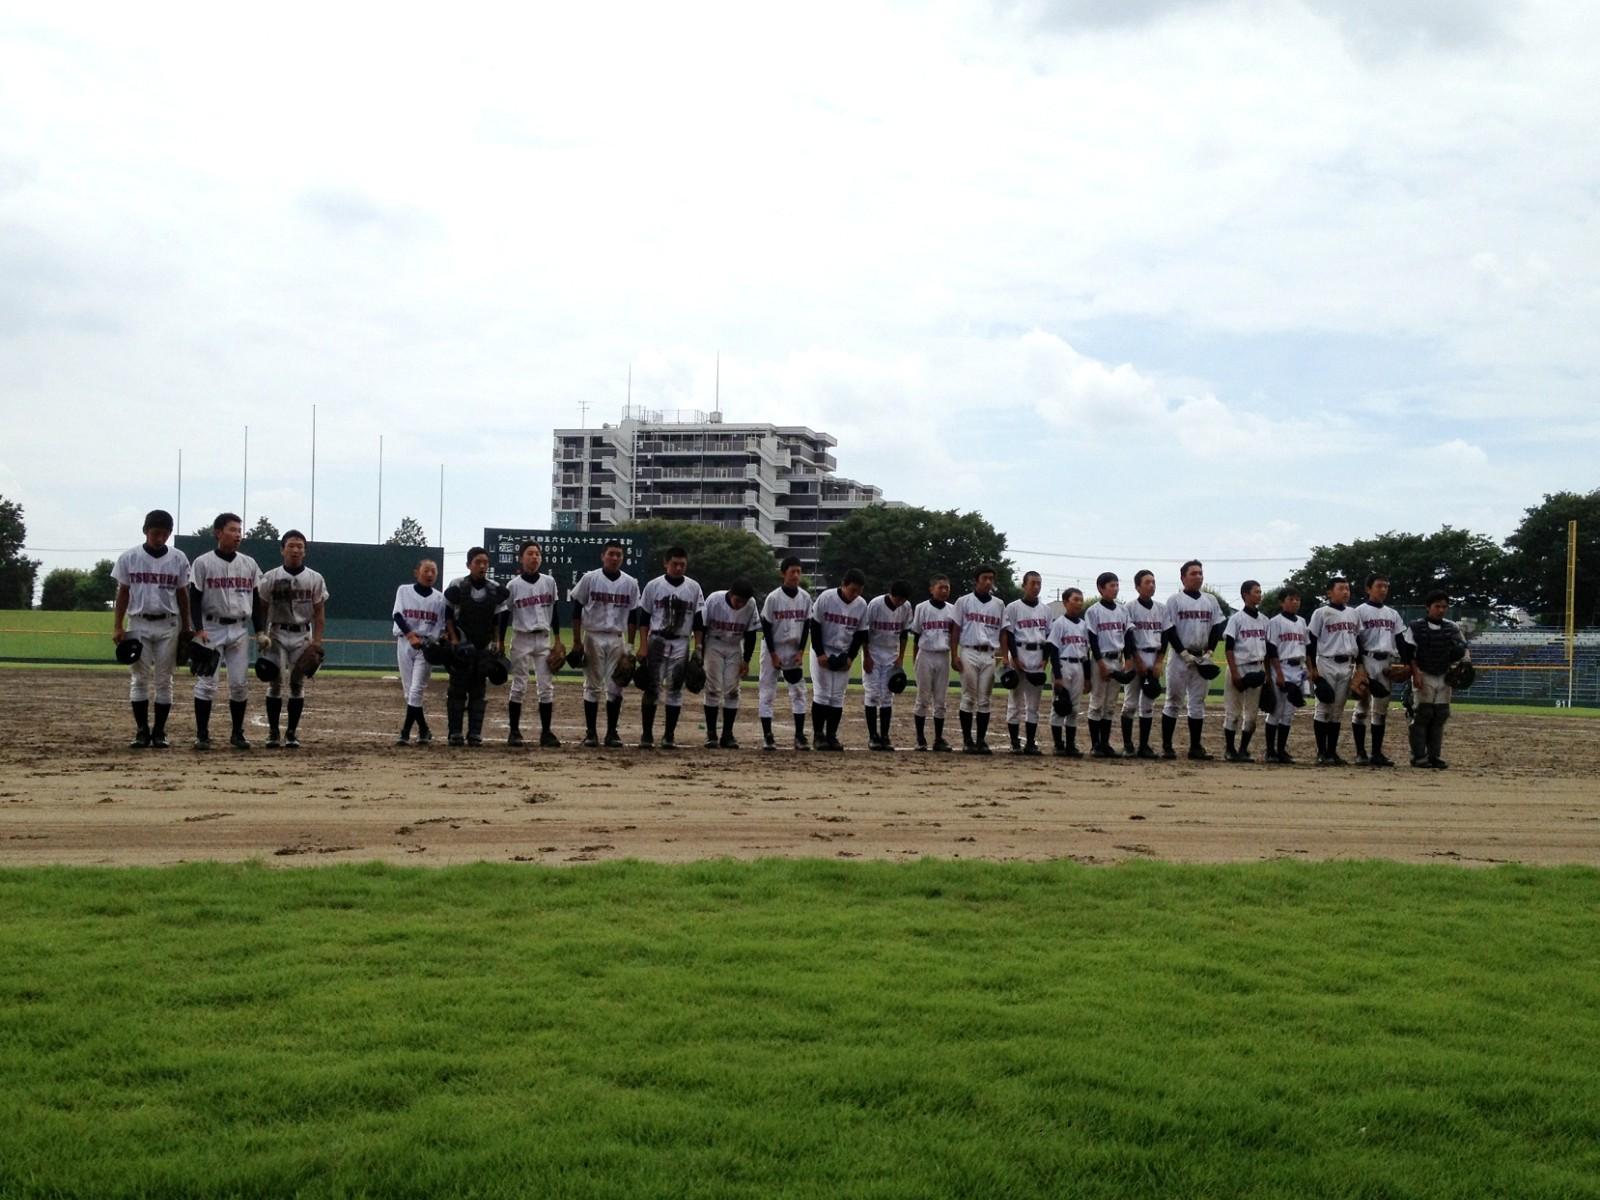 2013.07.28 第5回シーケルベースボールクラシック2013 2回戦 横浜青葉リトルシニア戦